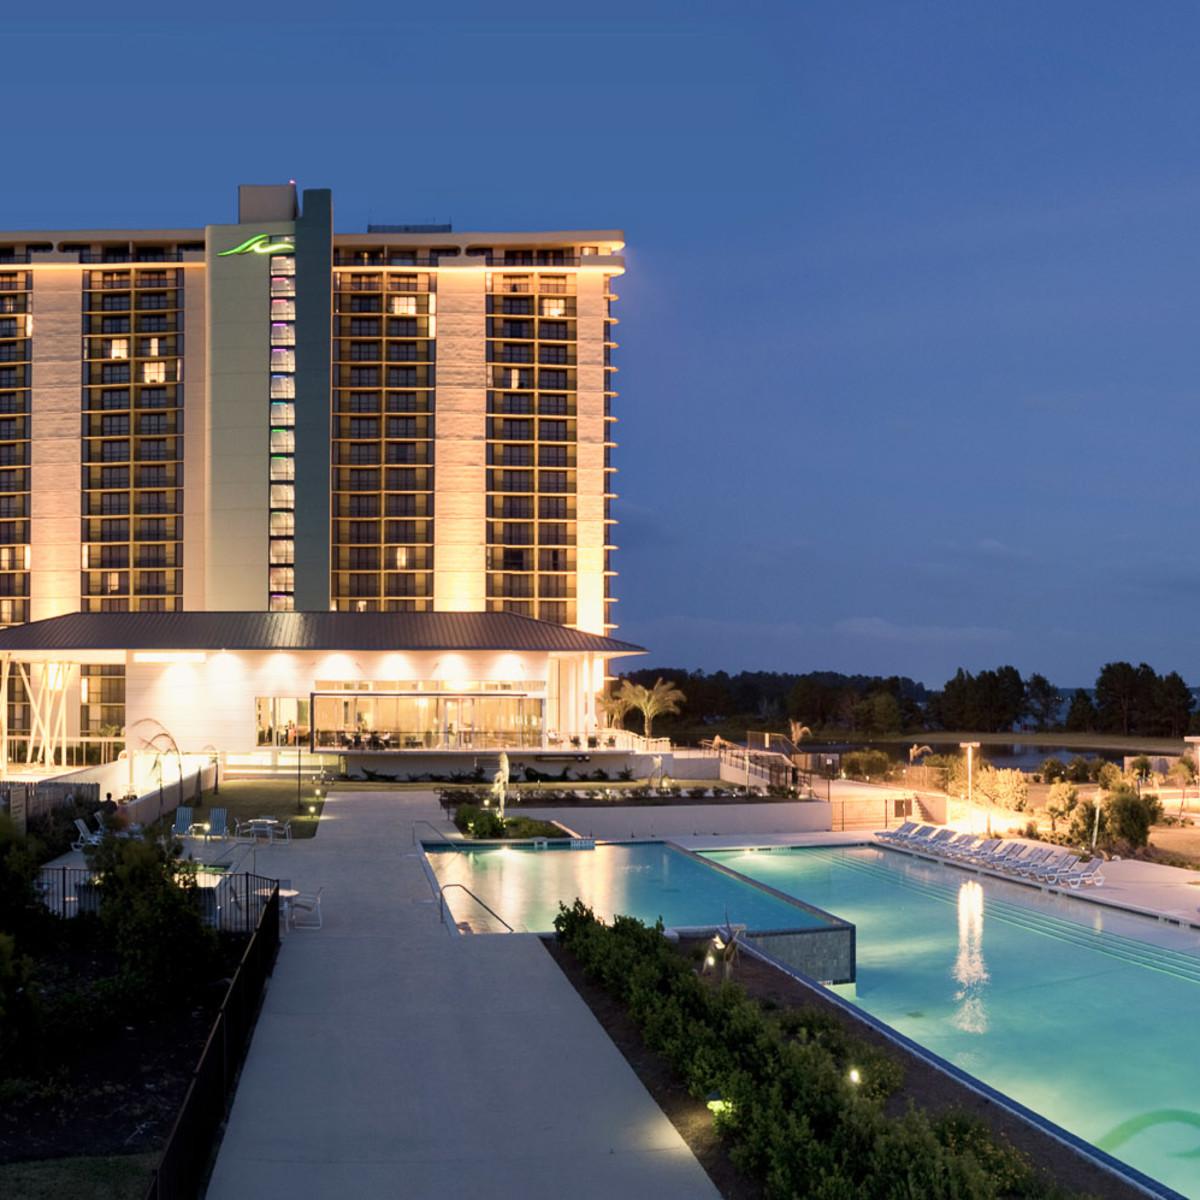 News_hotel pools_La Torretta pool_tower